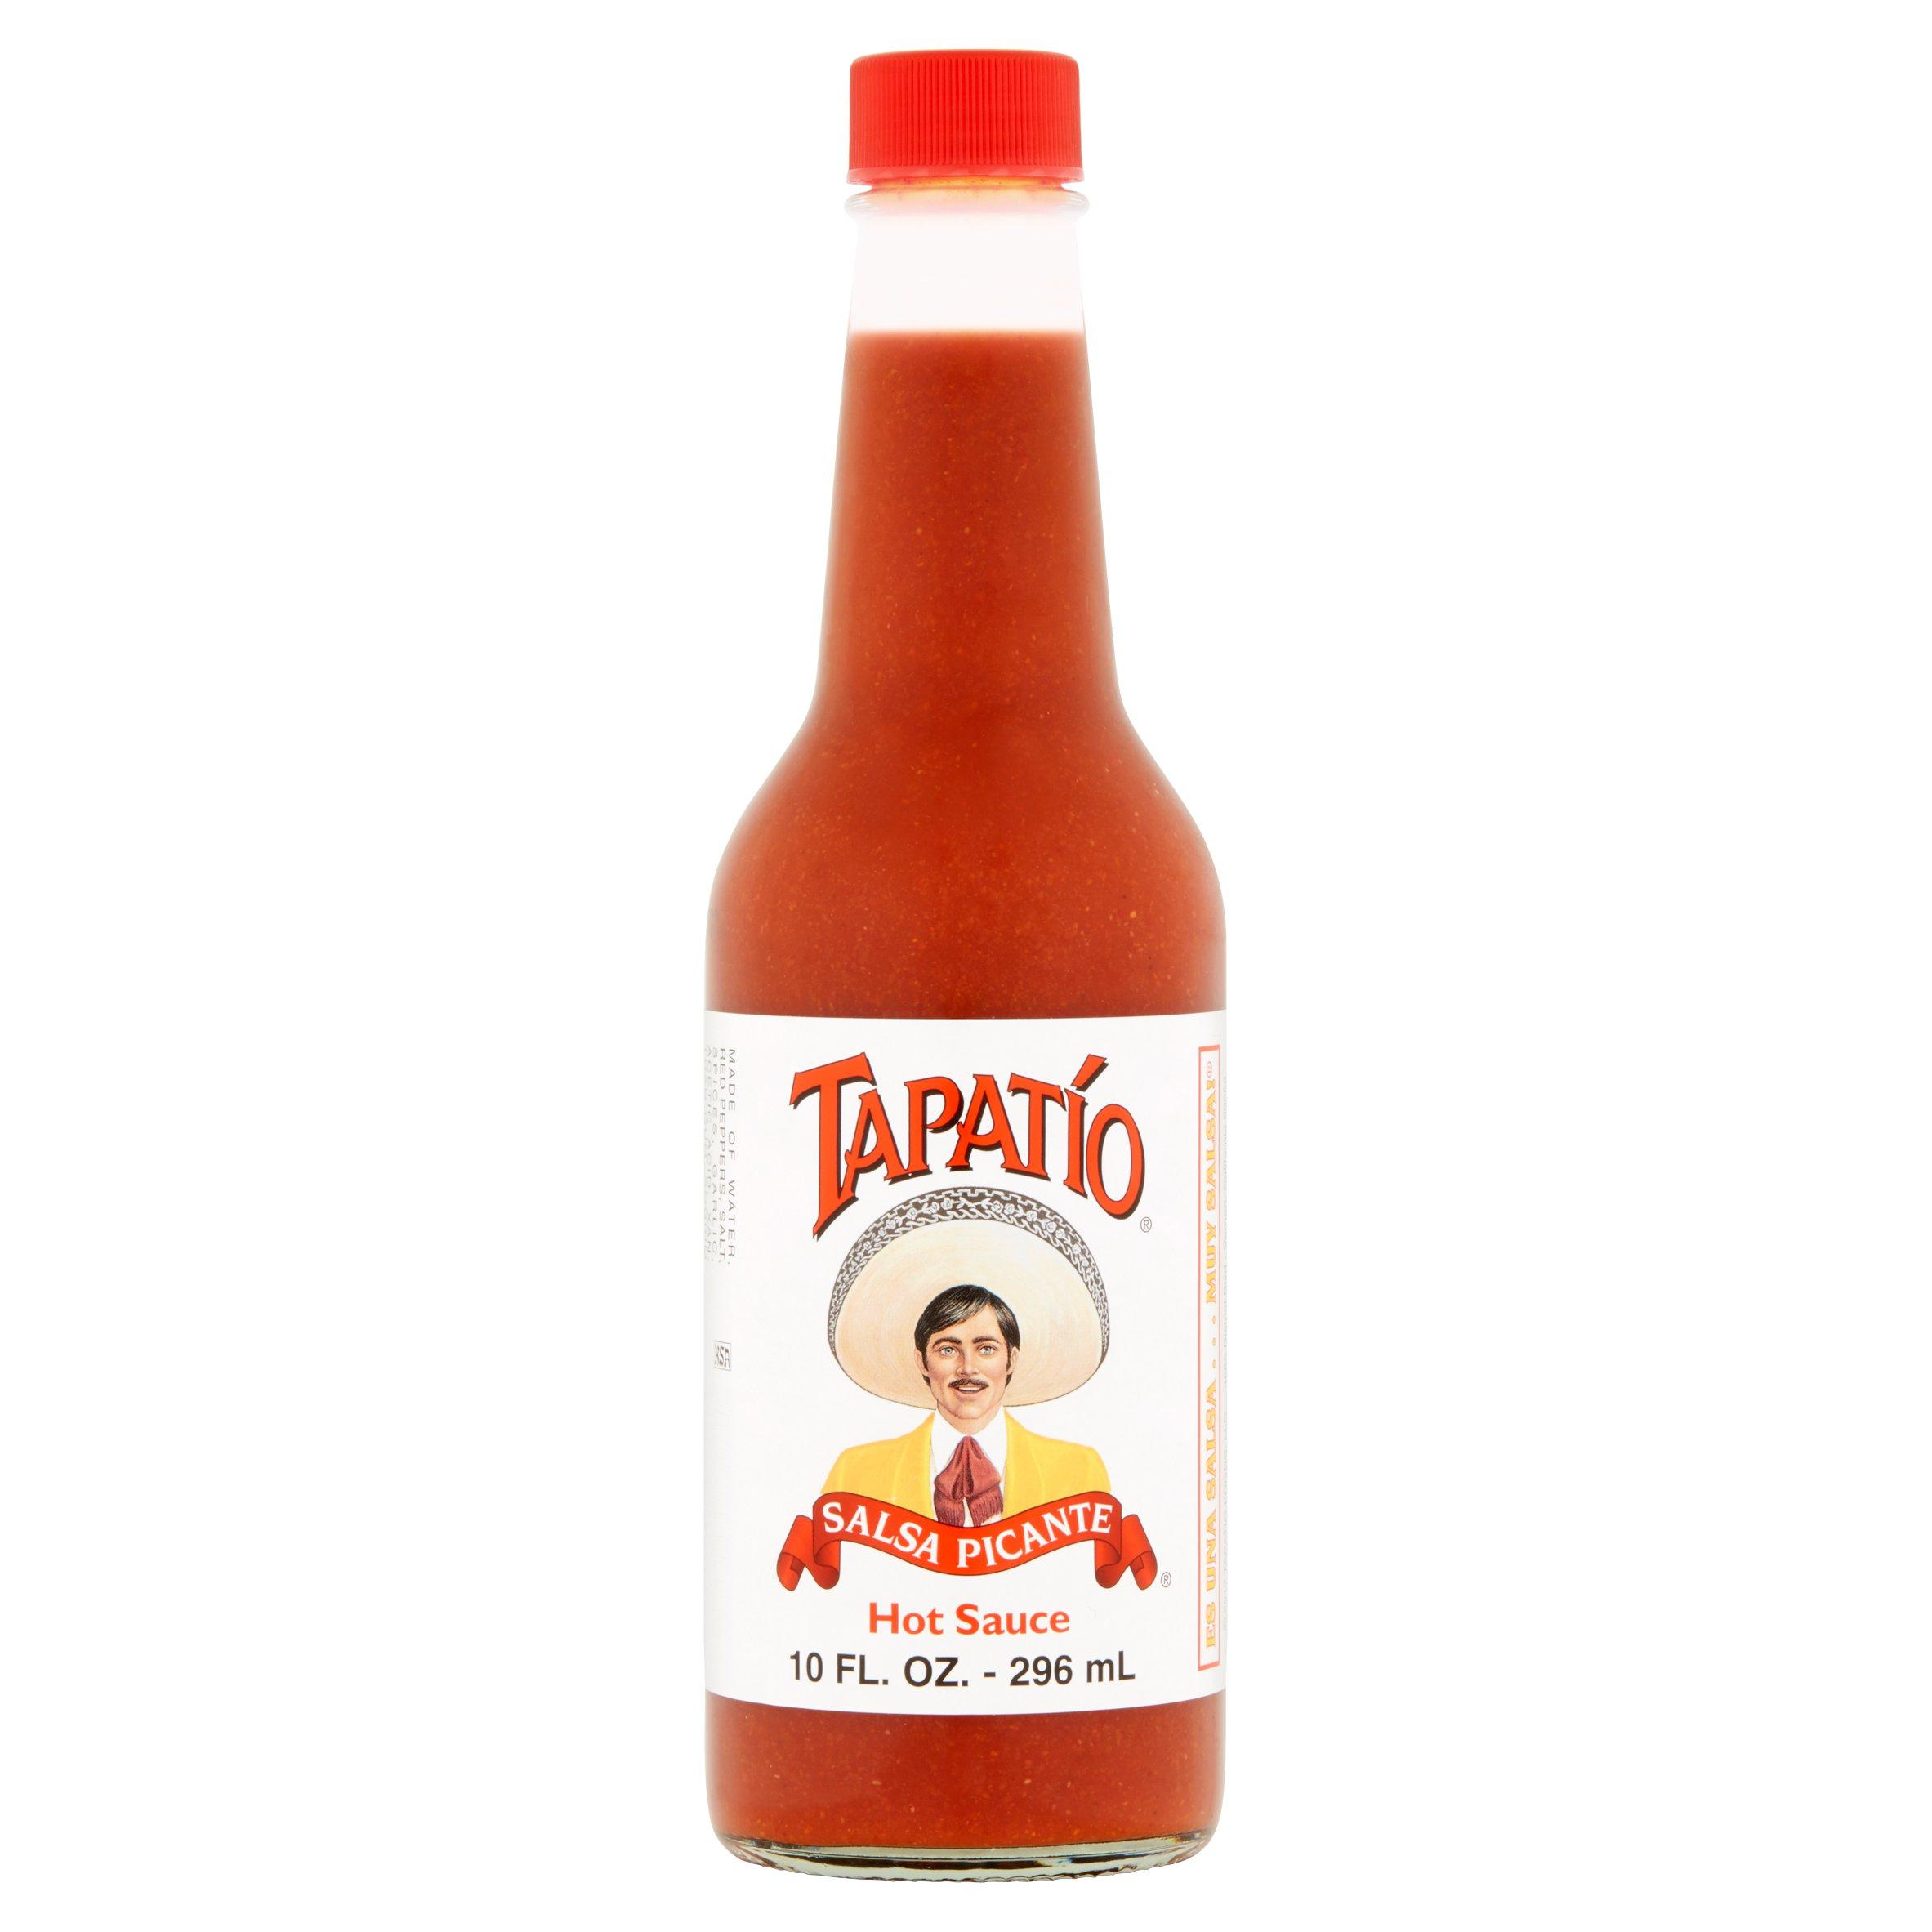 Tapatio Hot Sauce 10 OZ.